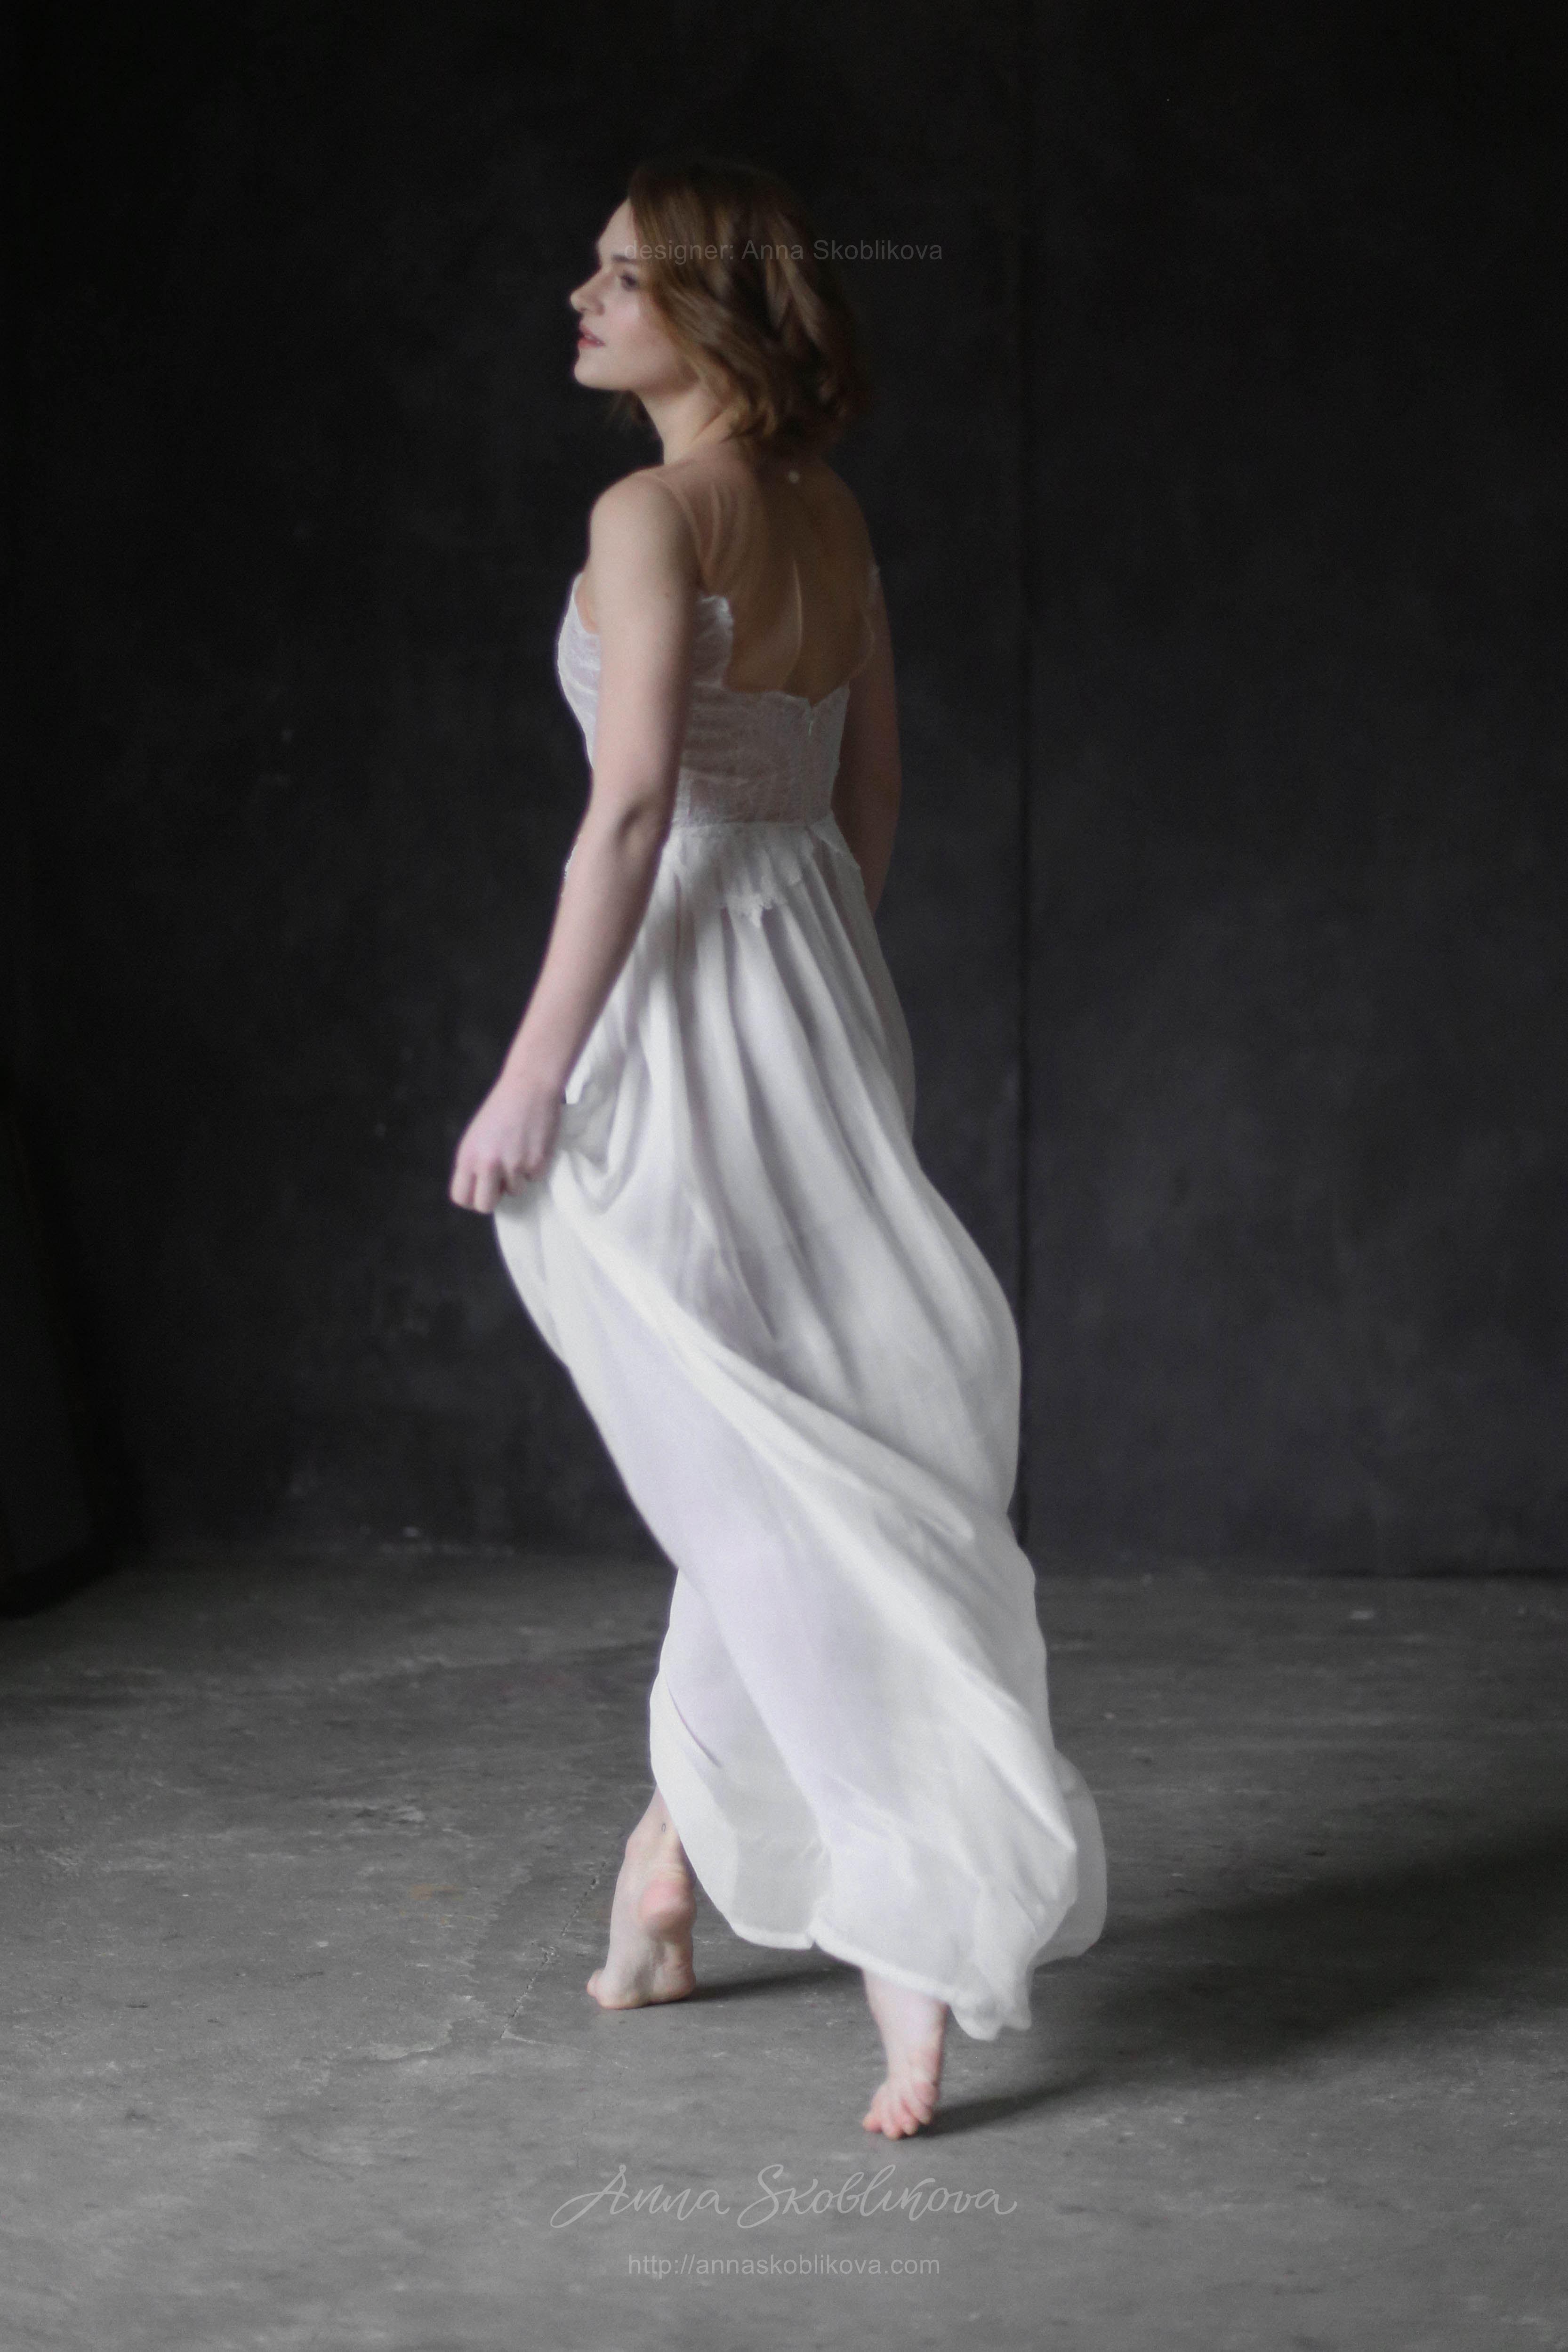 Вечерние и выпускные платья в Киеве фото цены - Салон Мадейра